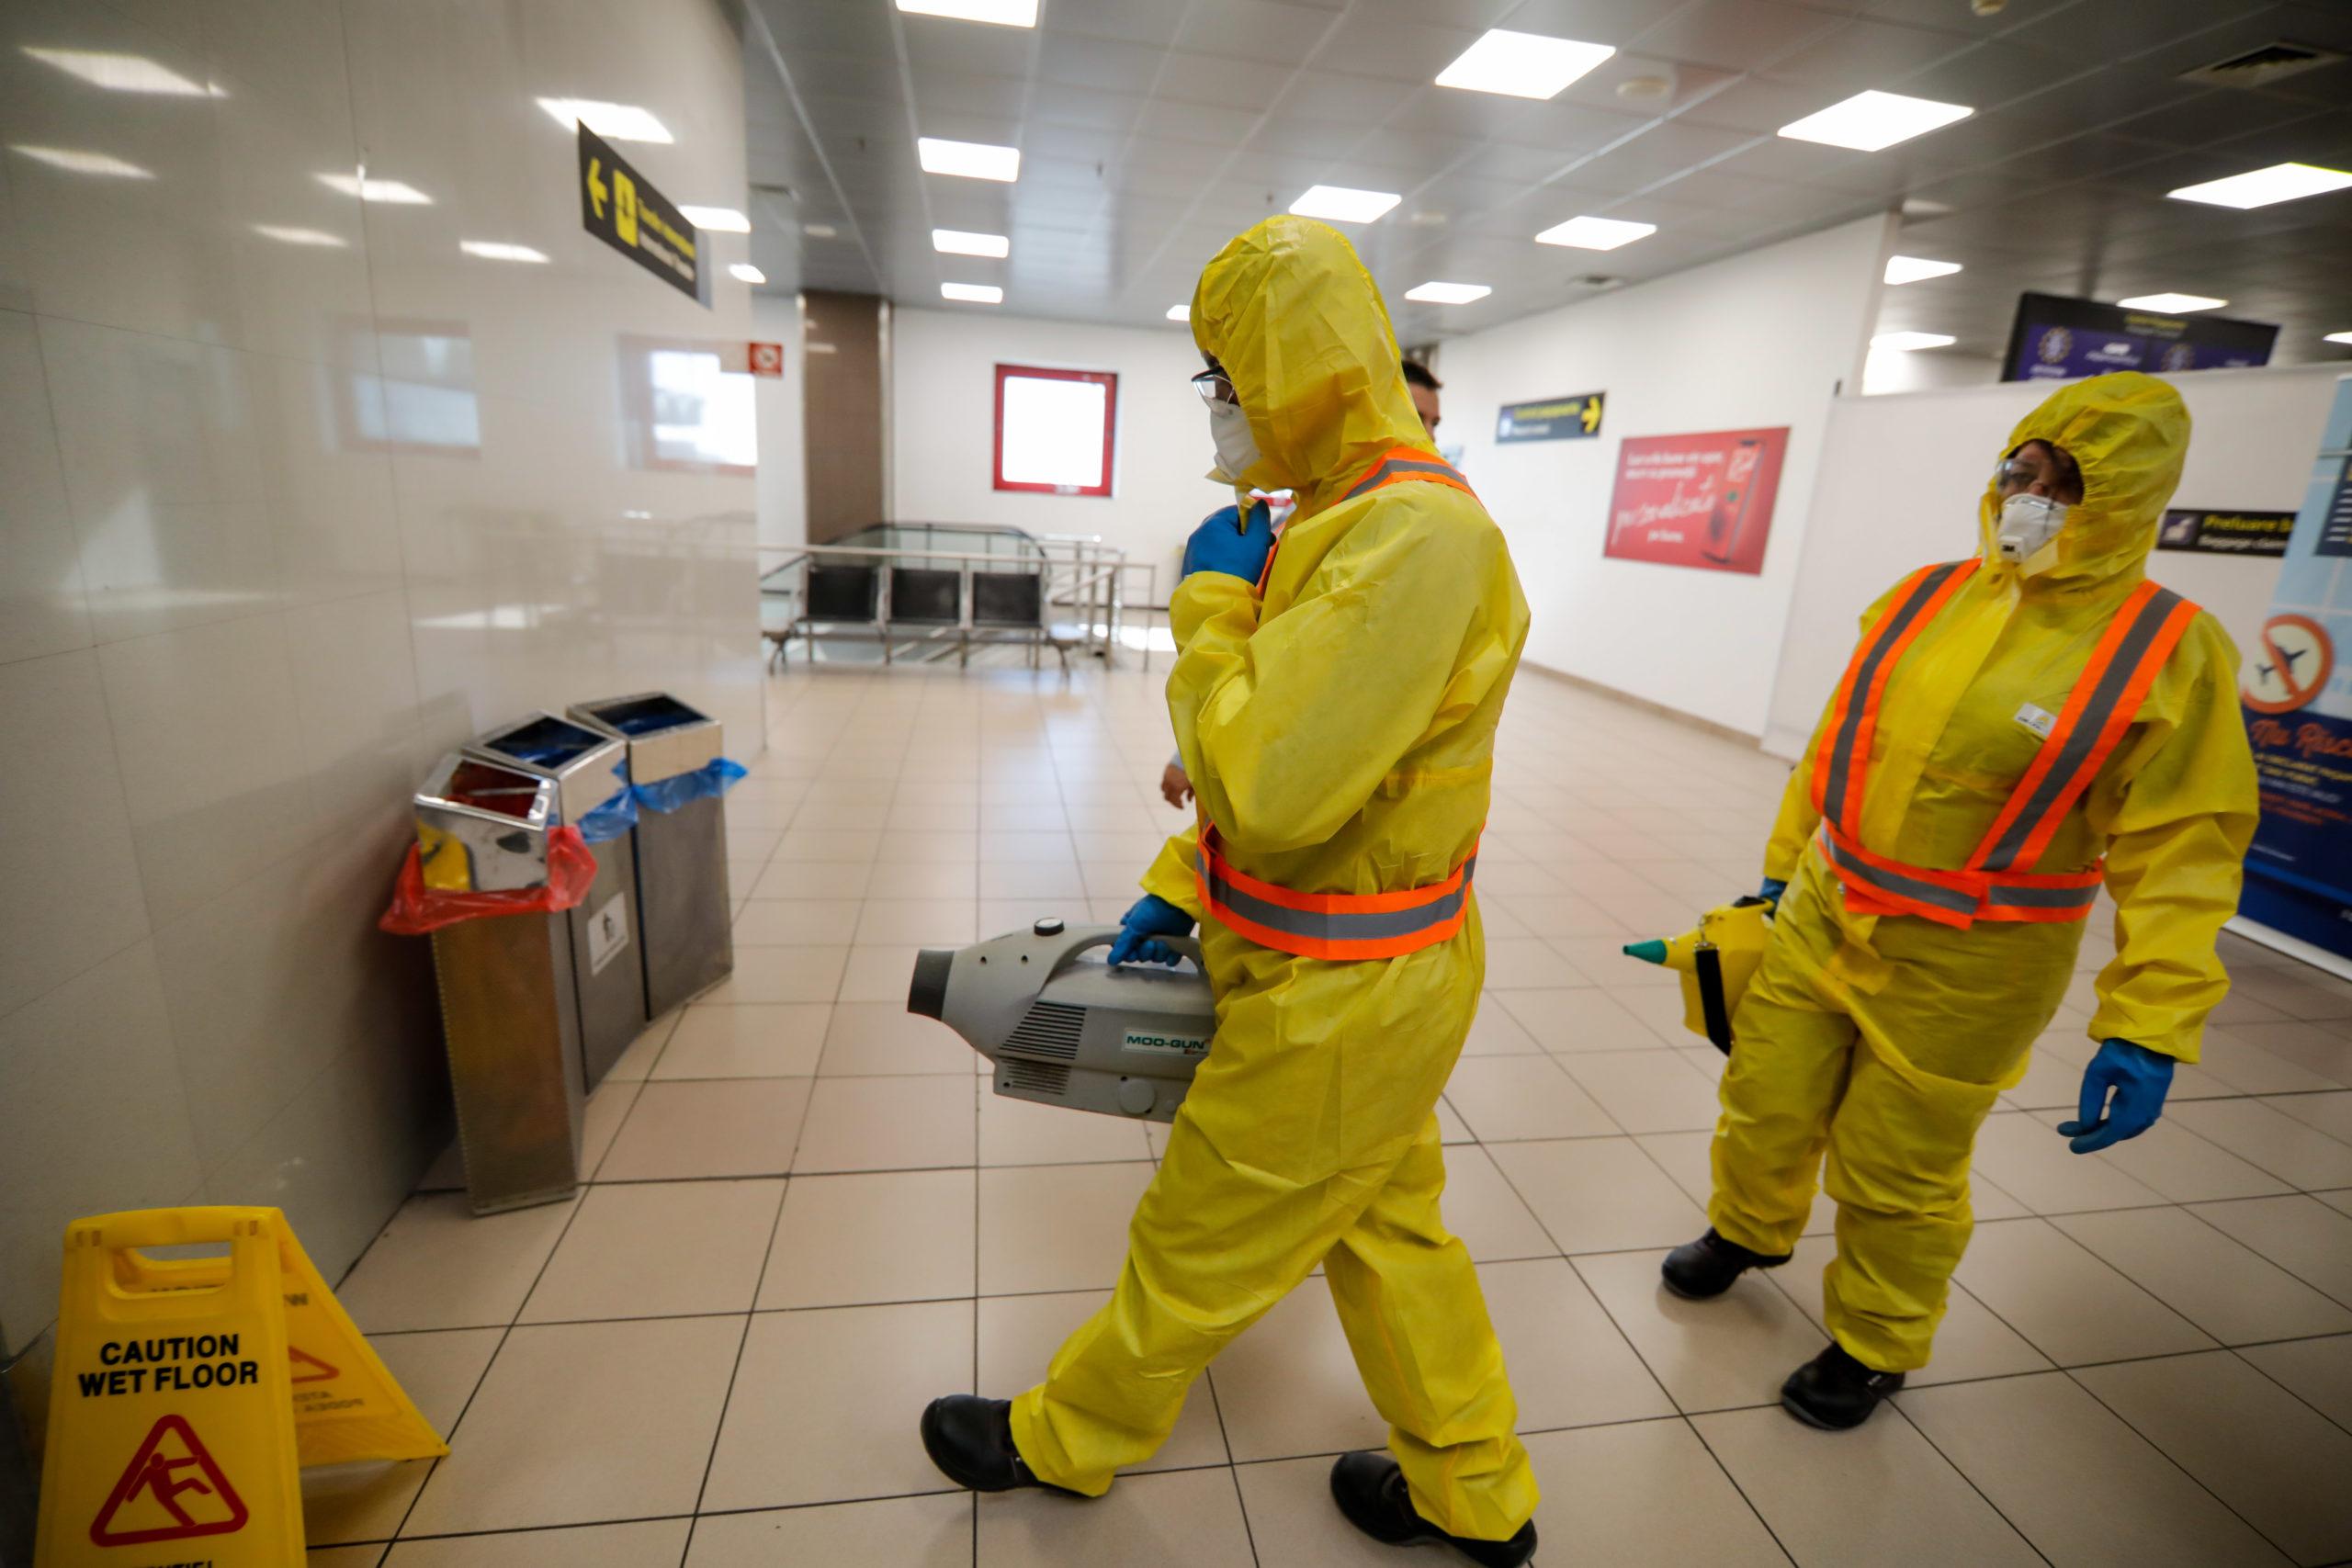 Comitul de Urgență adoptă măsuri radicale - Amenzi uriașe